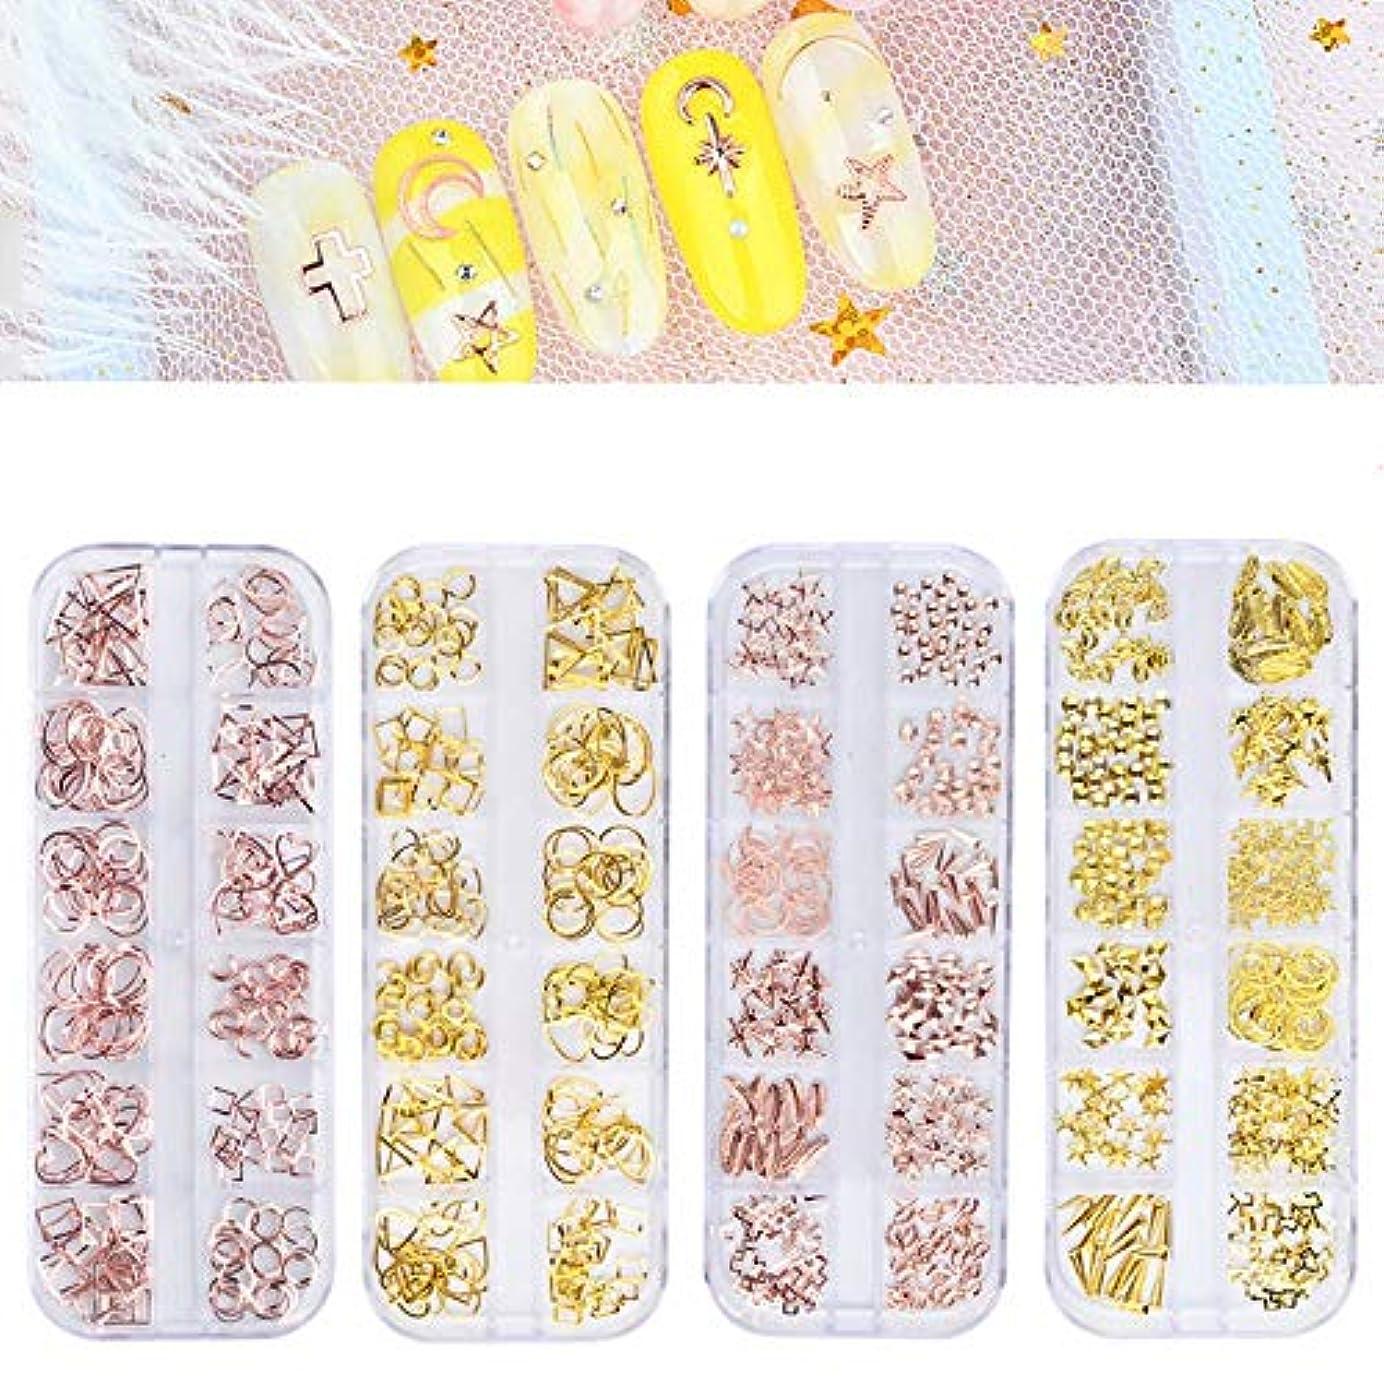 最小化する財布並外れてYuzhiye ネイル スタッズ 4ケースセット ネイルパーツ ゴールドスタッズ ピンクゴールド 3Dネイルアート デコレーション ネイルデザイン マニキュア デコパーツ 夏 (セット1A)